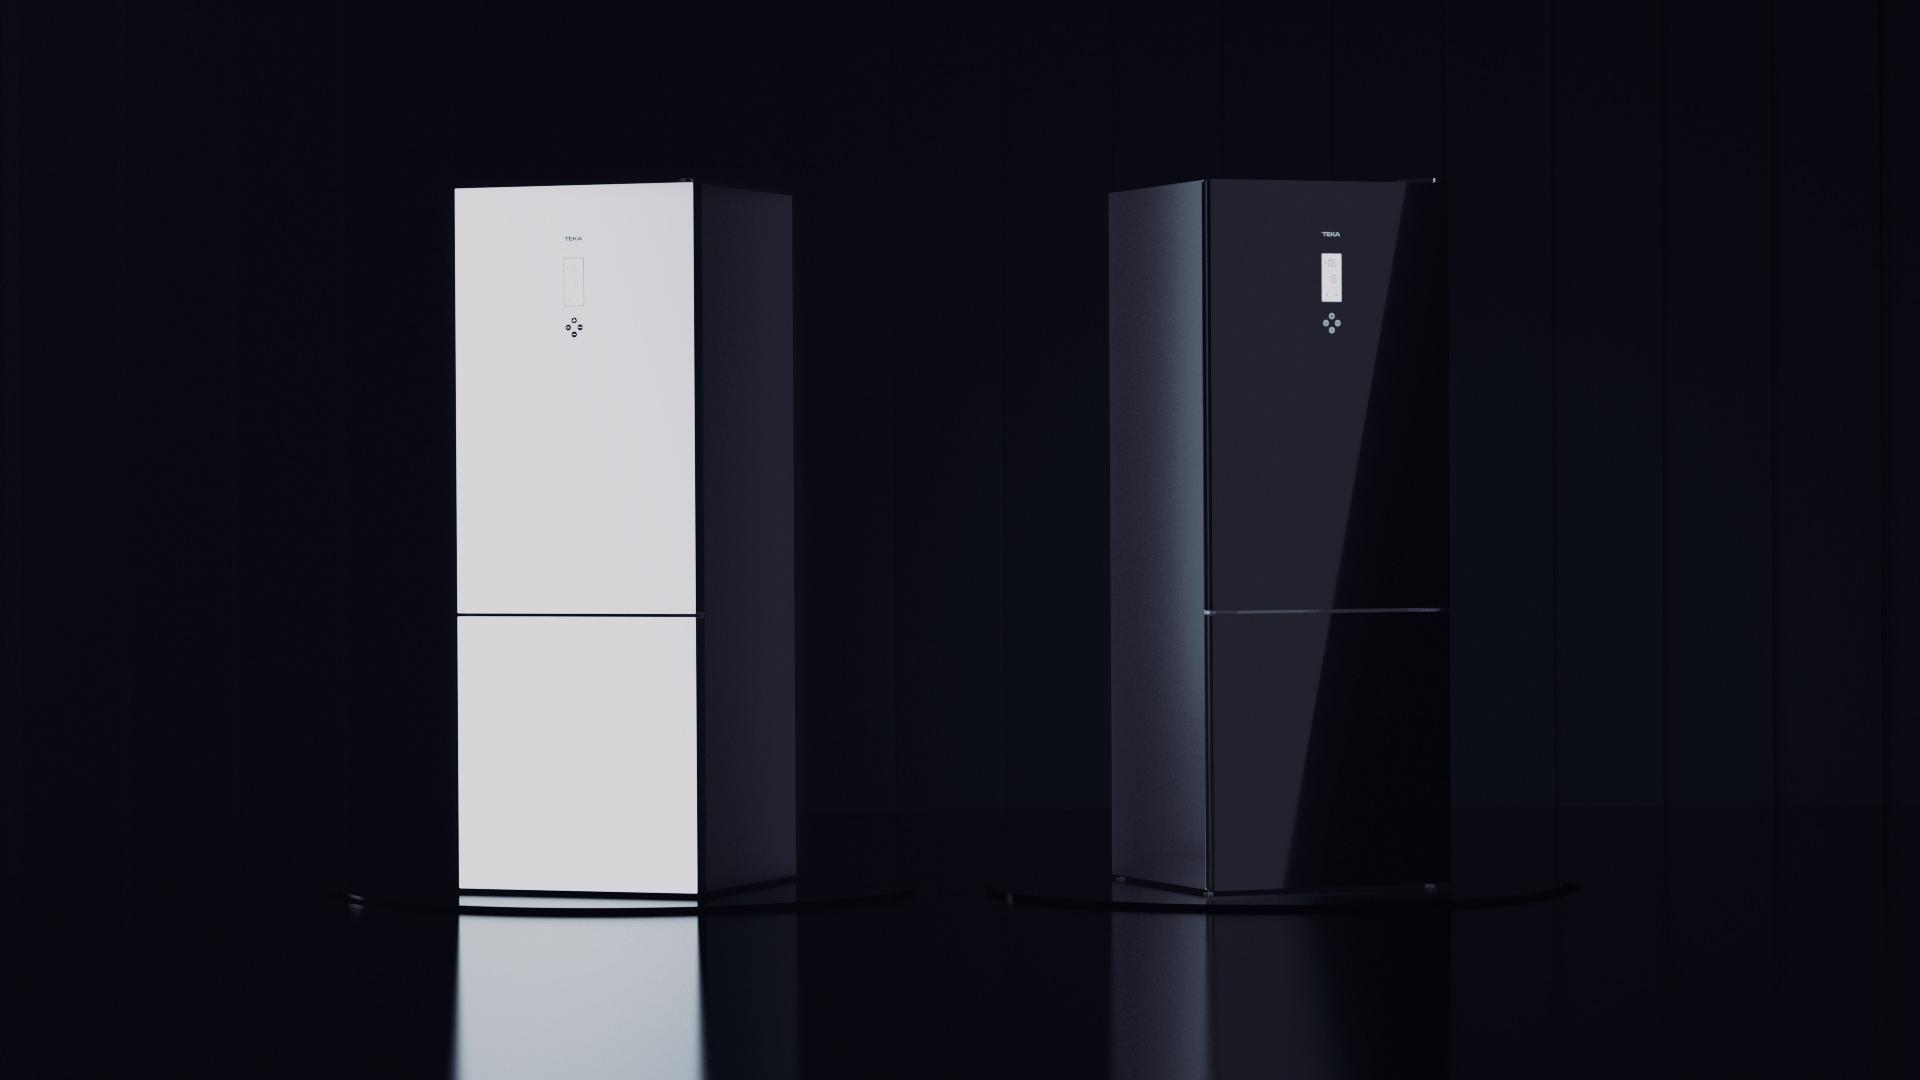 Teka presenta su nueva gama de frigoríficos de cristal Combi Maestro